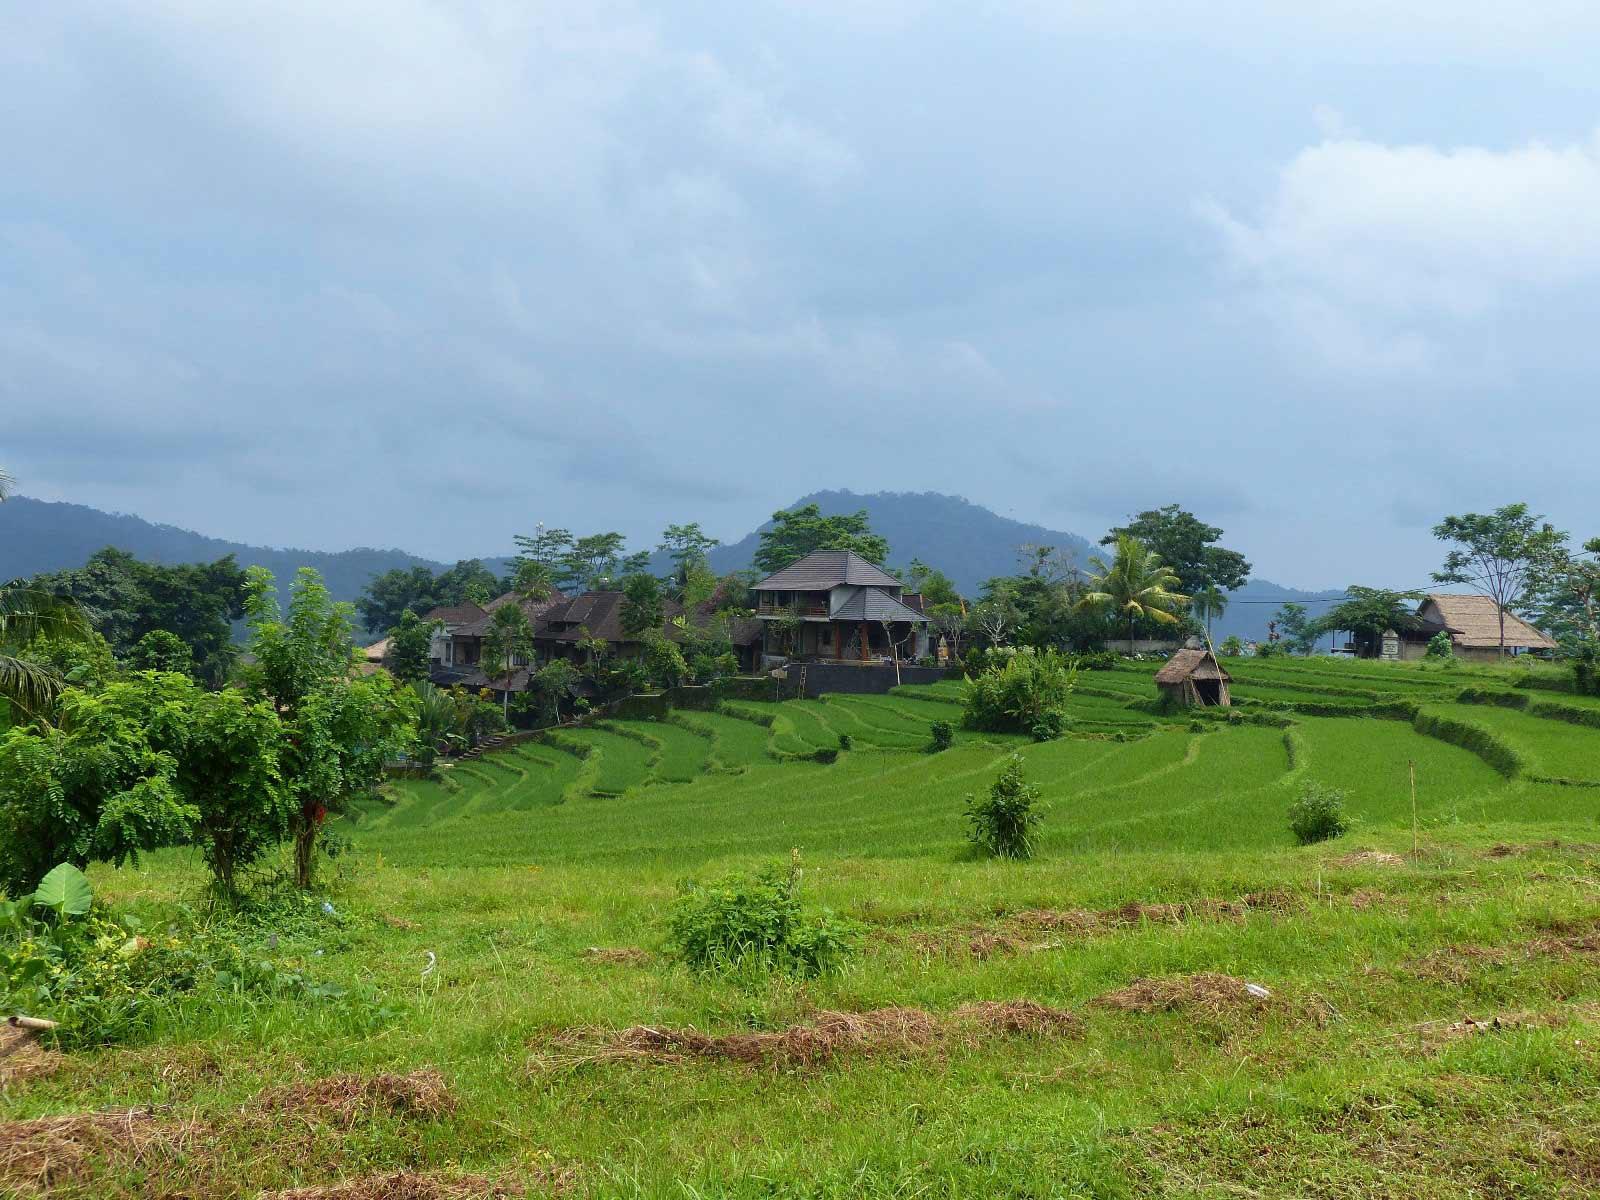 Rondreis Bali Sidemen Sawah Indah 9